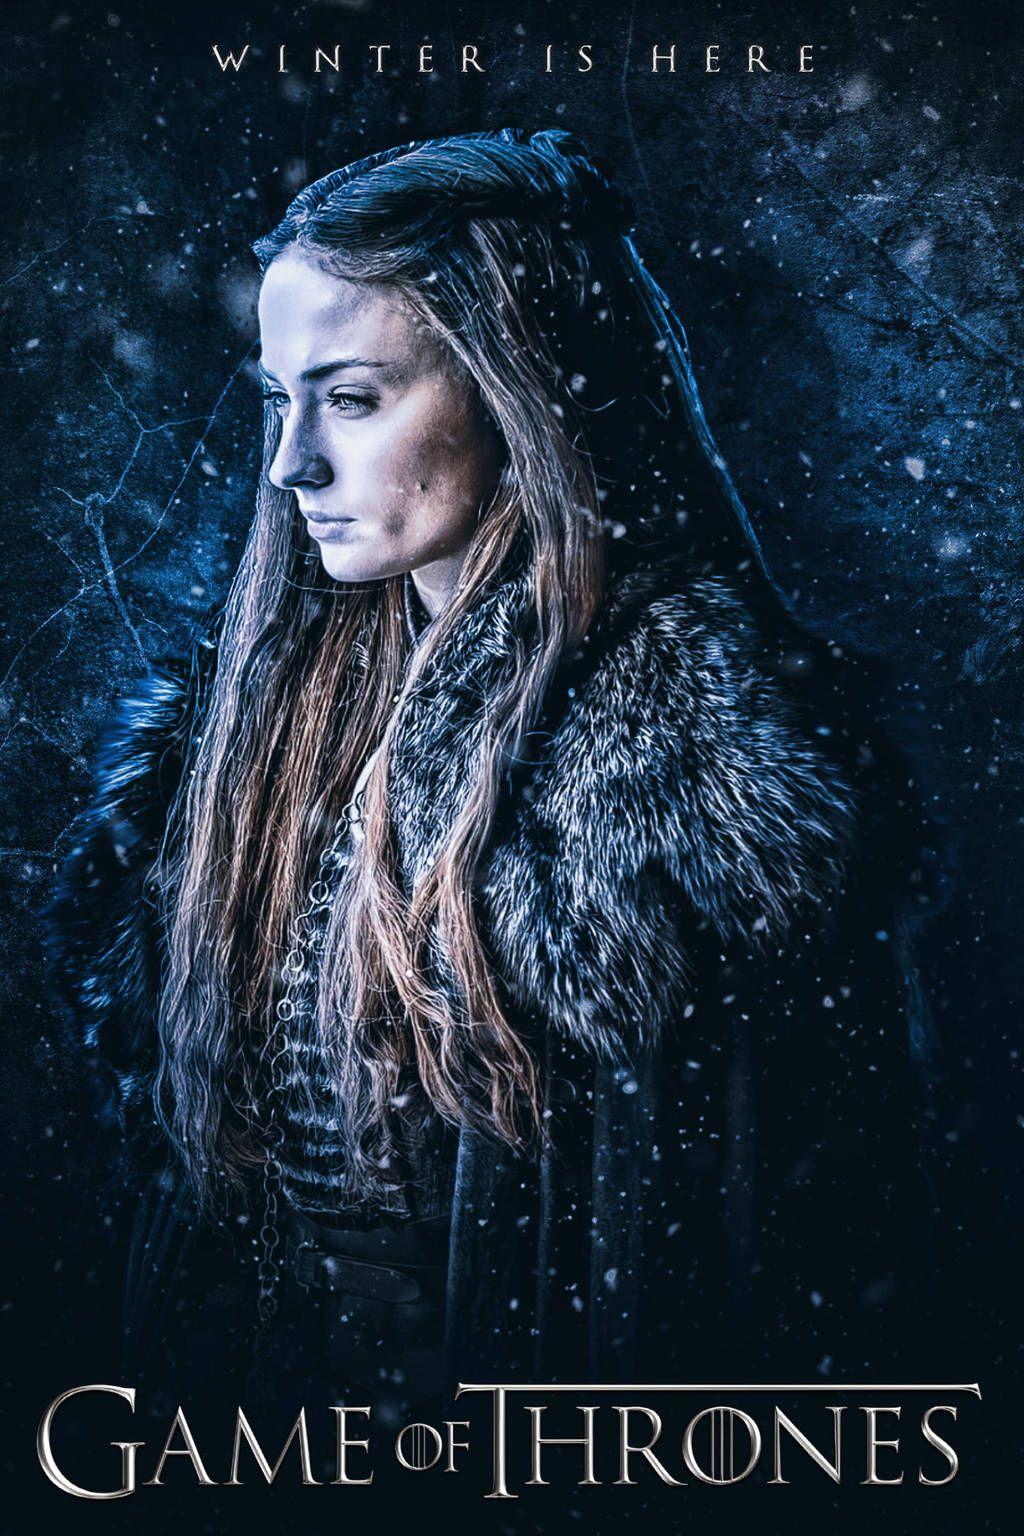 Game Of Thrones Wallpaper Sansa By Mattze87 On Deviantart Sansa